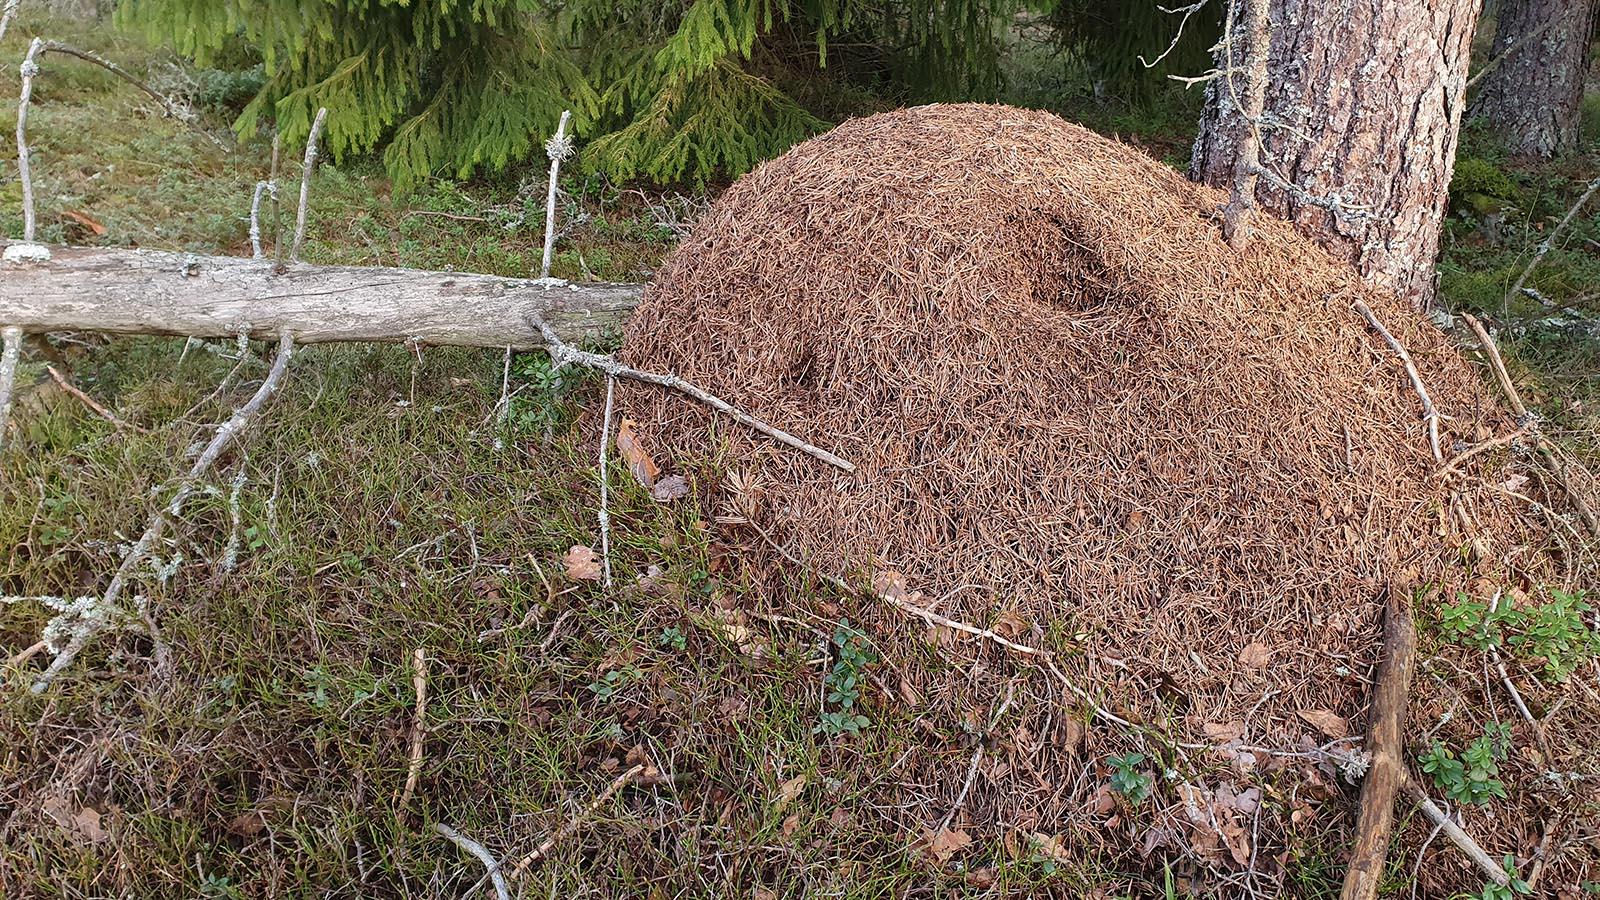 Moose Poop Messenger Renja Leino 5